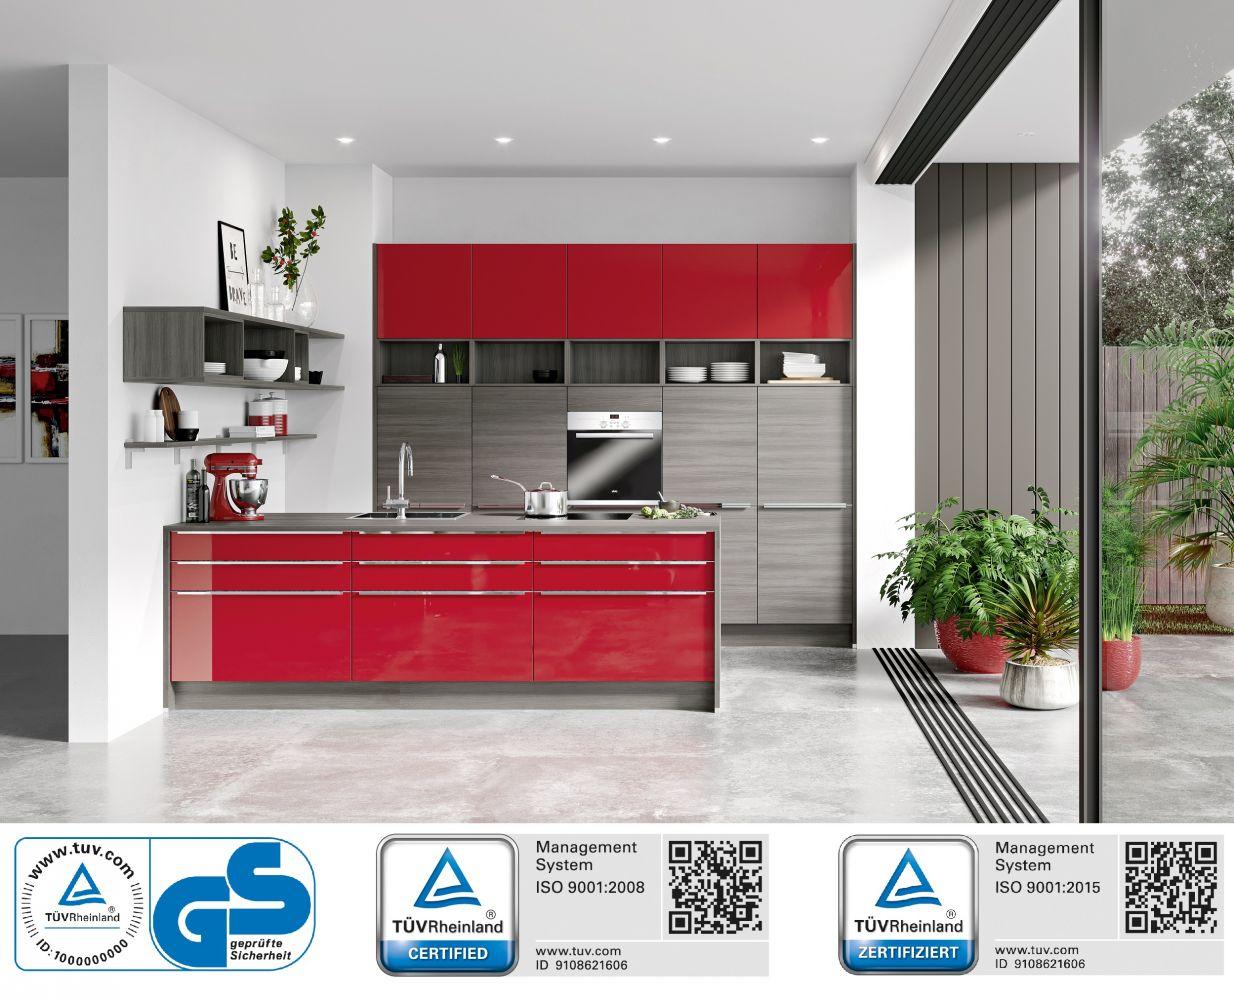 express k chen k chenstudio janthur. Black Bedroom Furniture Sets. Home Design Ideas